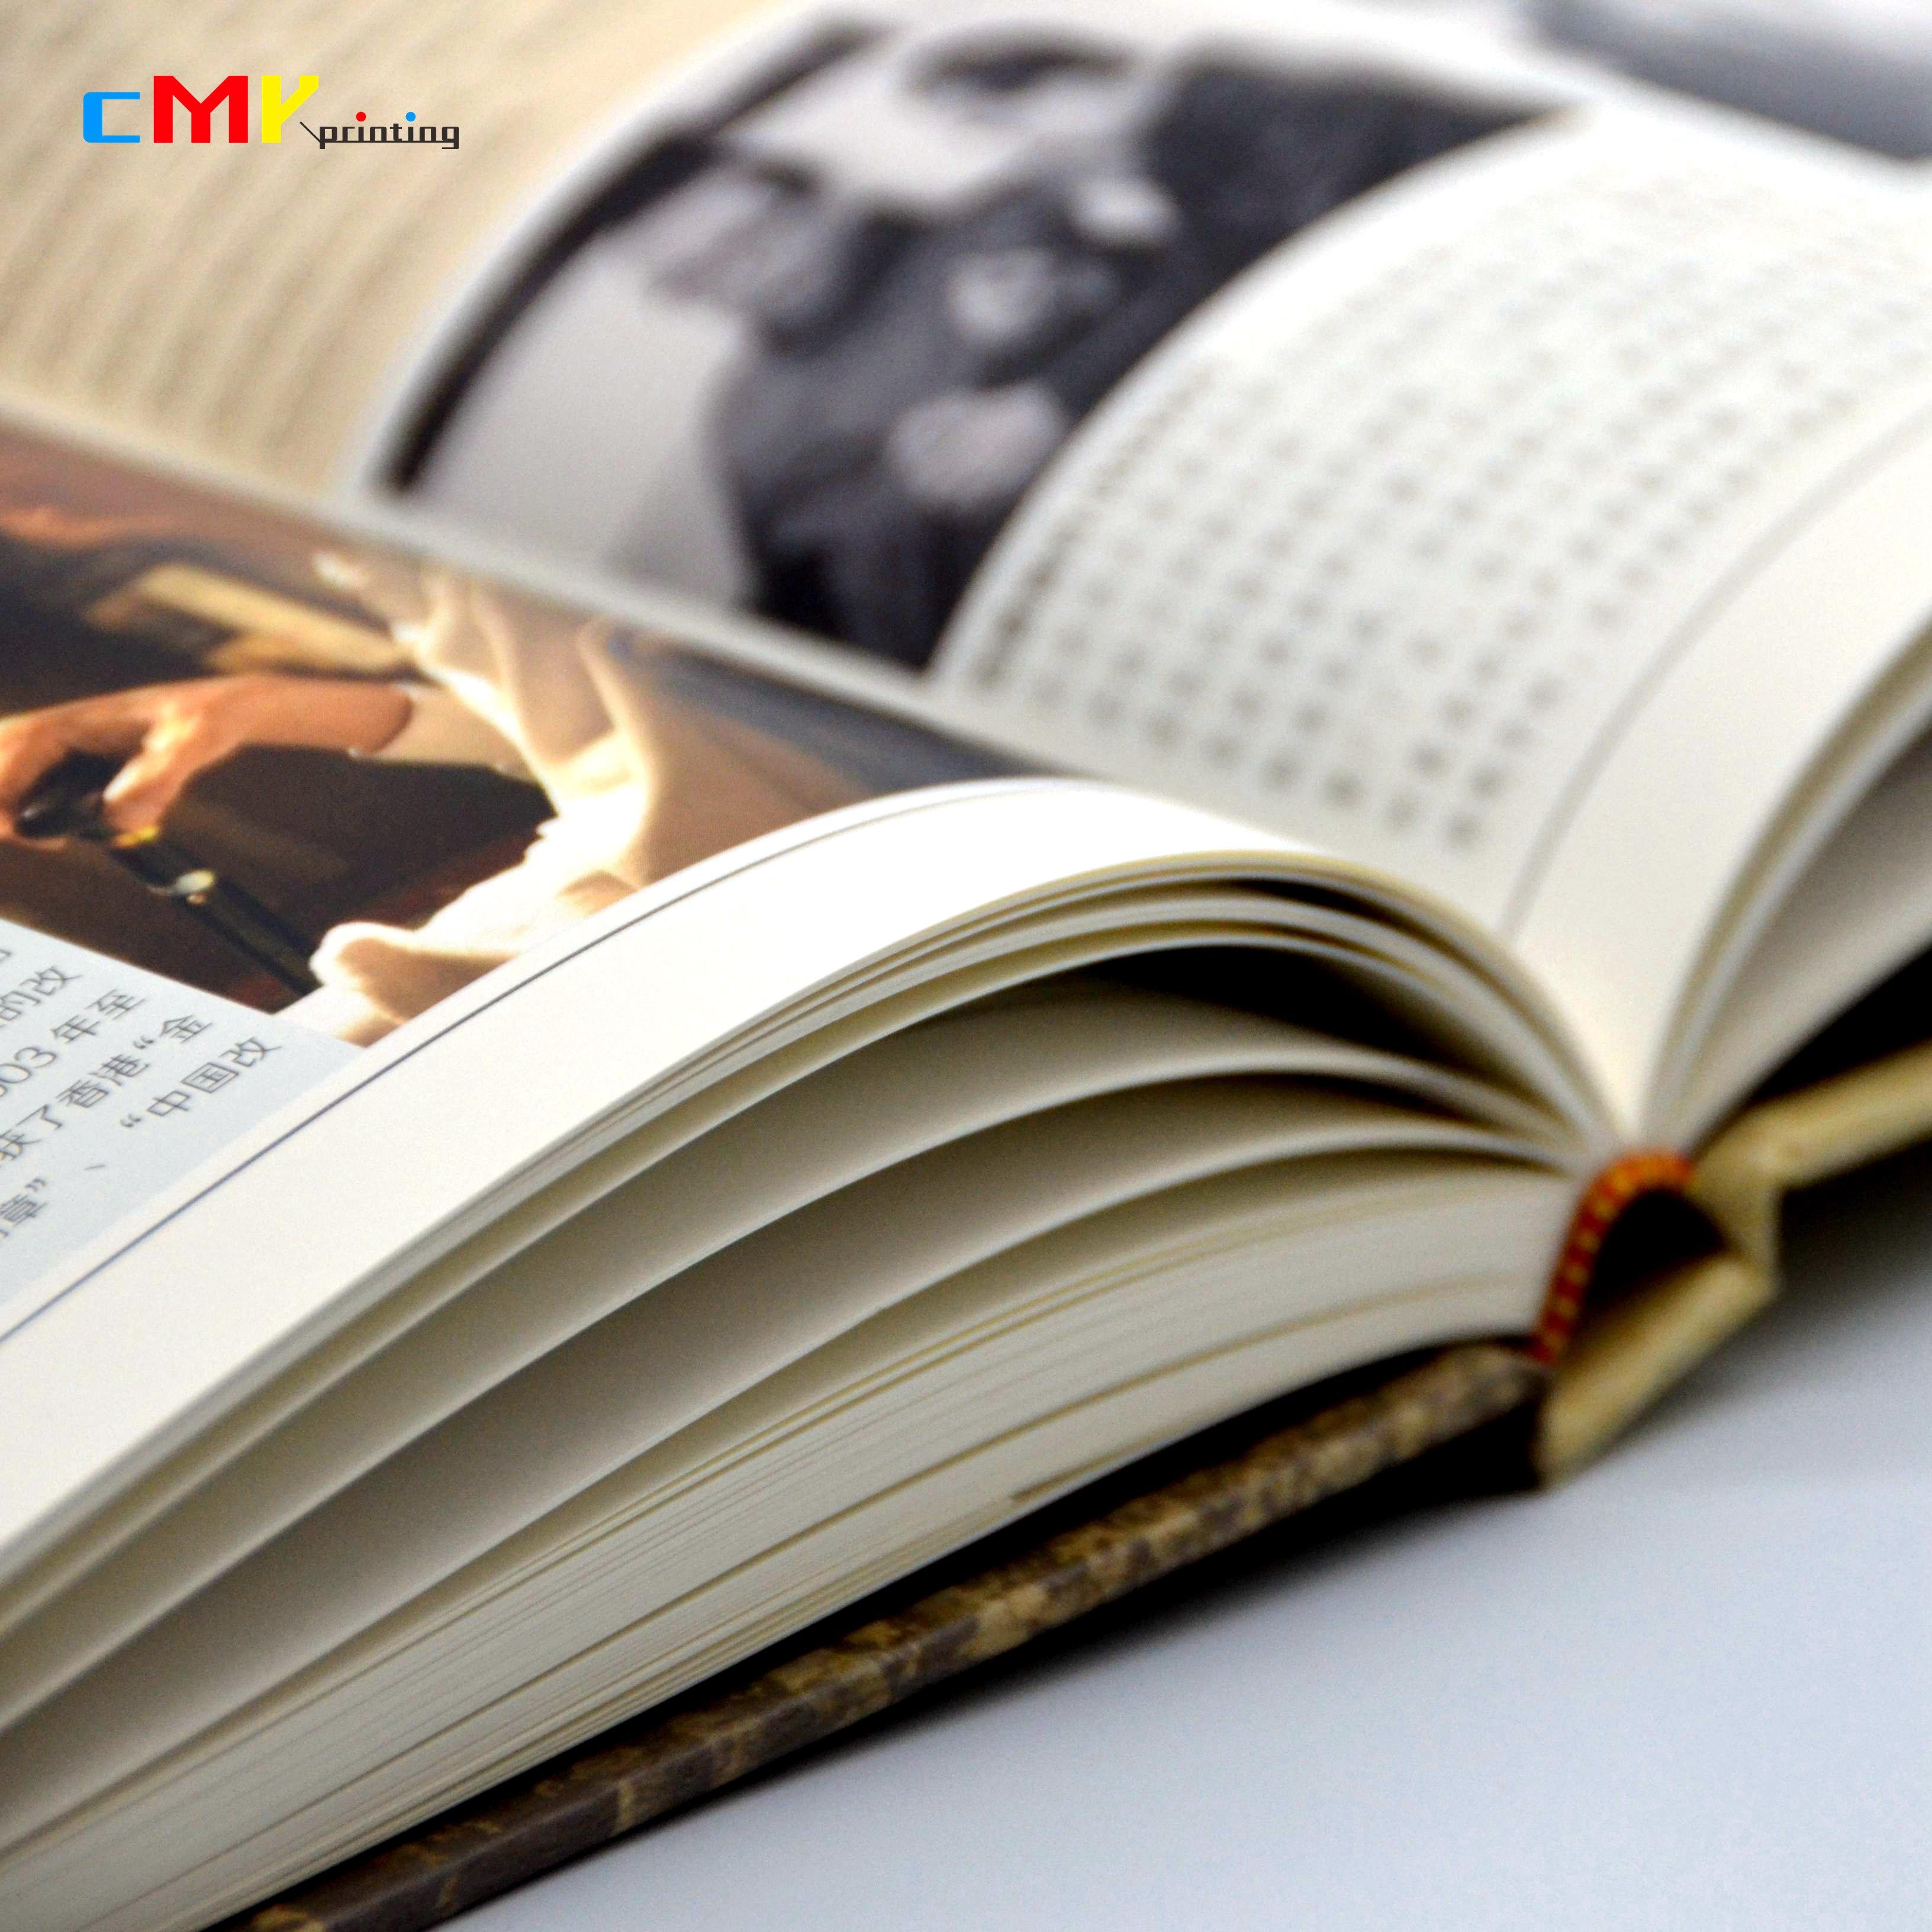 深圳画册印刷,深圳精装画册印刷,展品征集实录画册印刷,深圳印刷厂